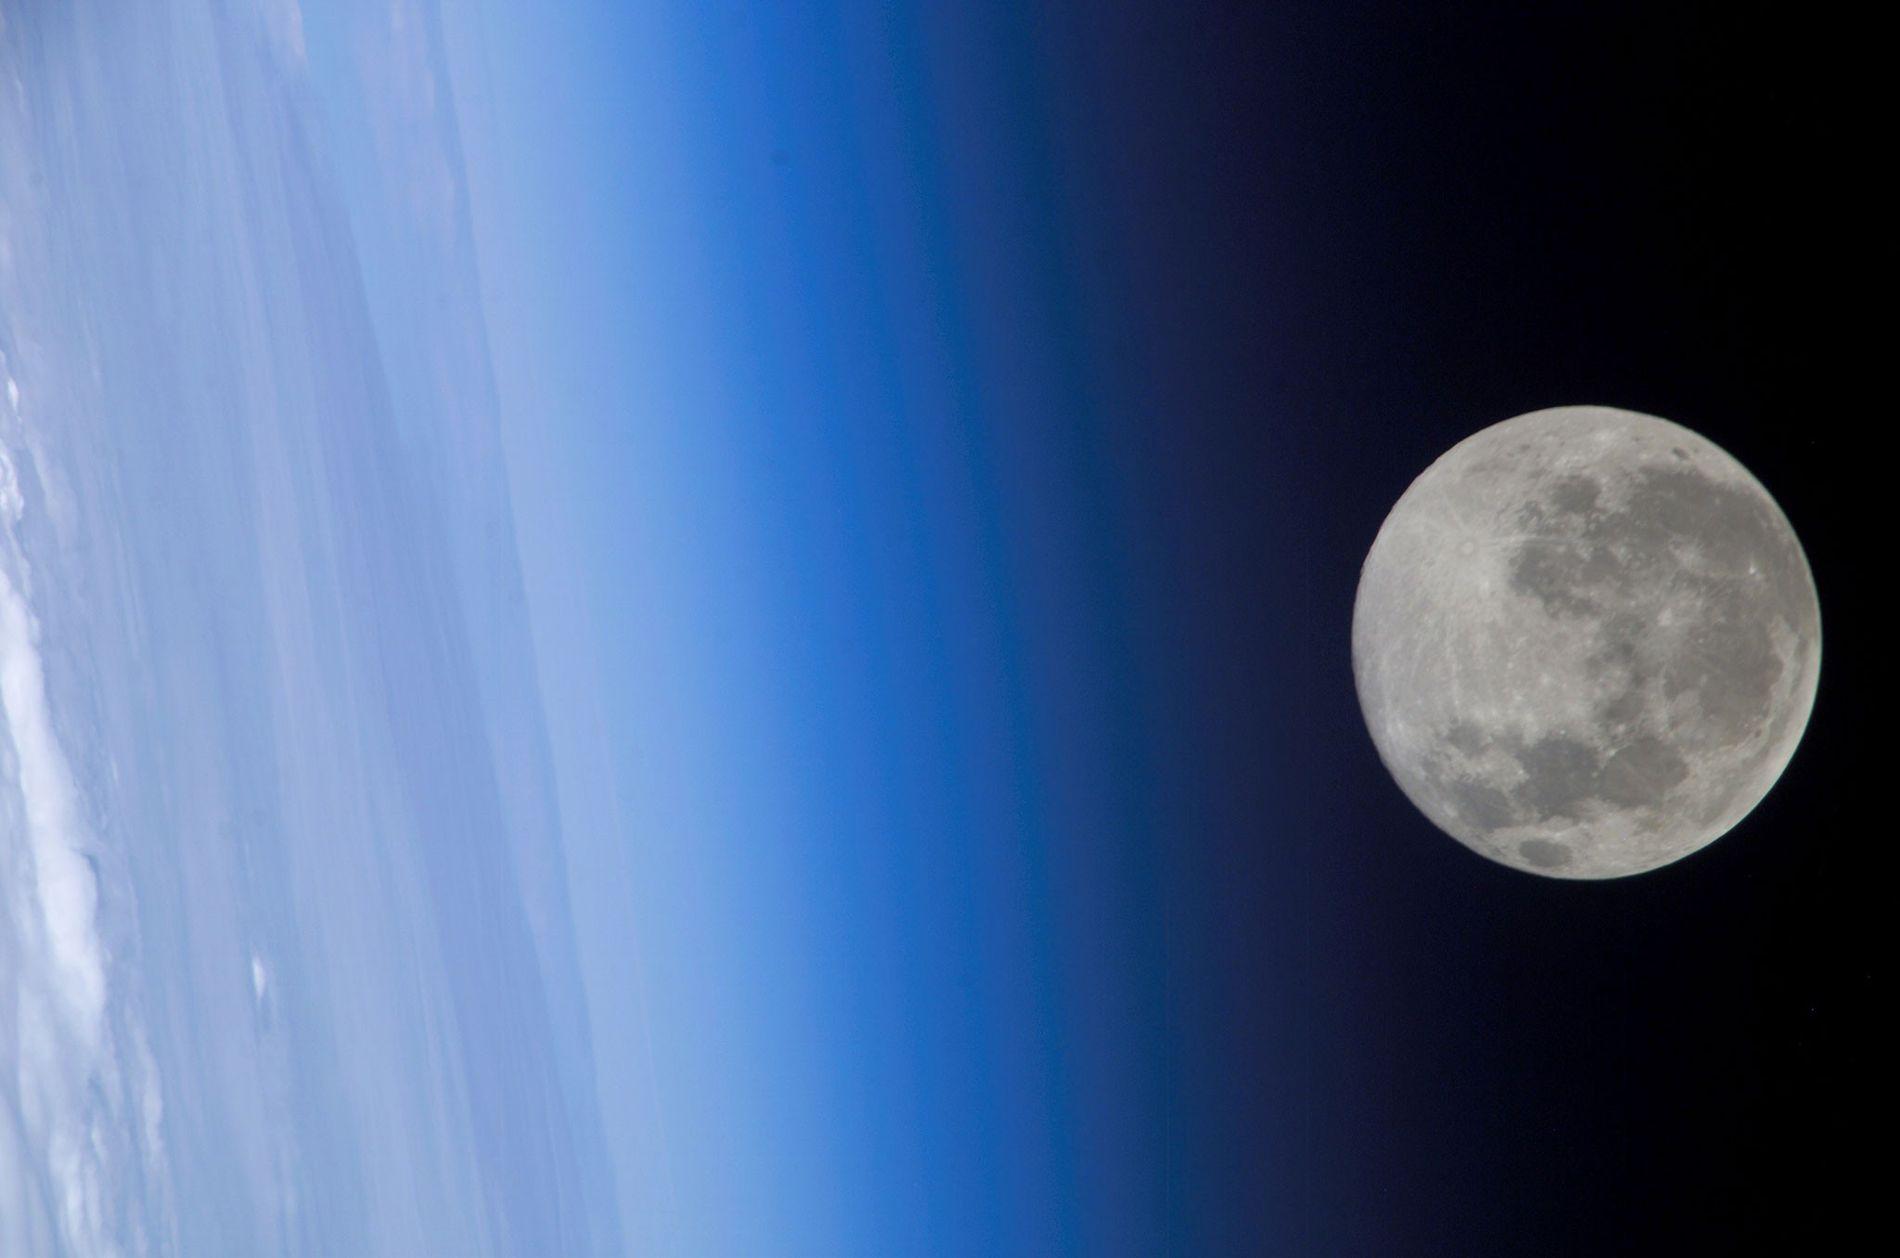 Una luna llena, vista desde la Estación Espacial Internacional, parece rozar la atmósfera terrestre.